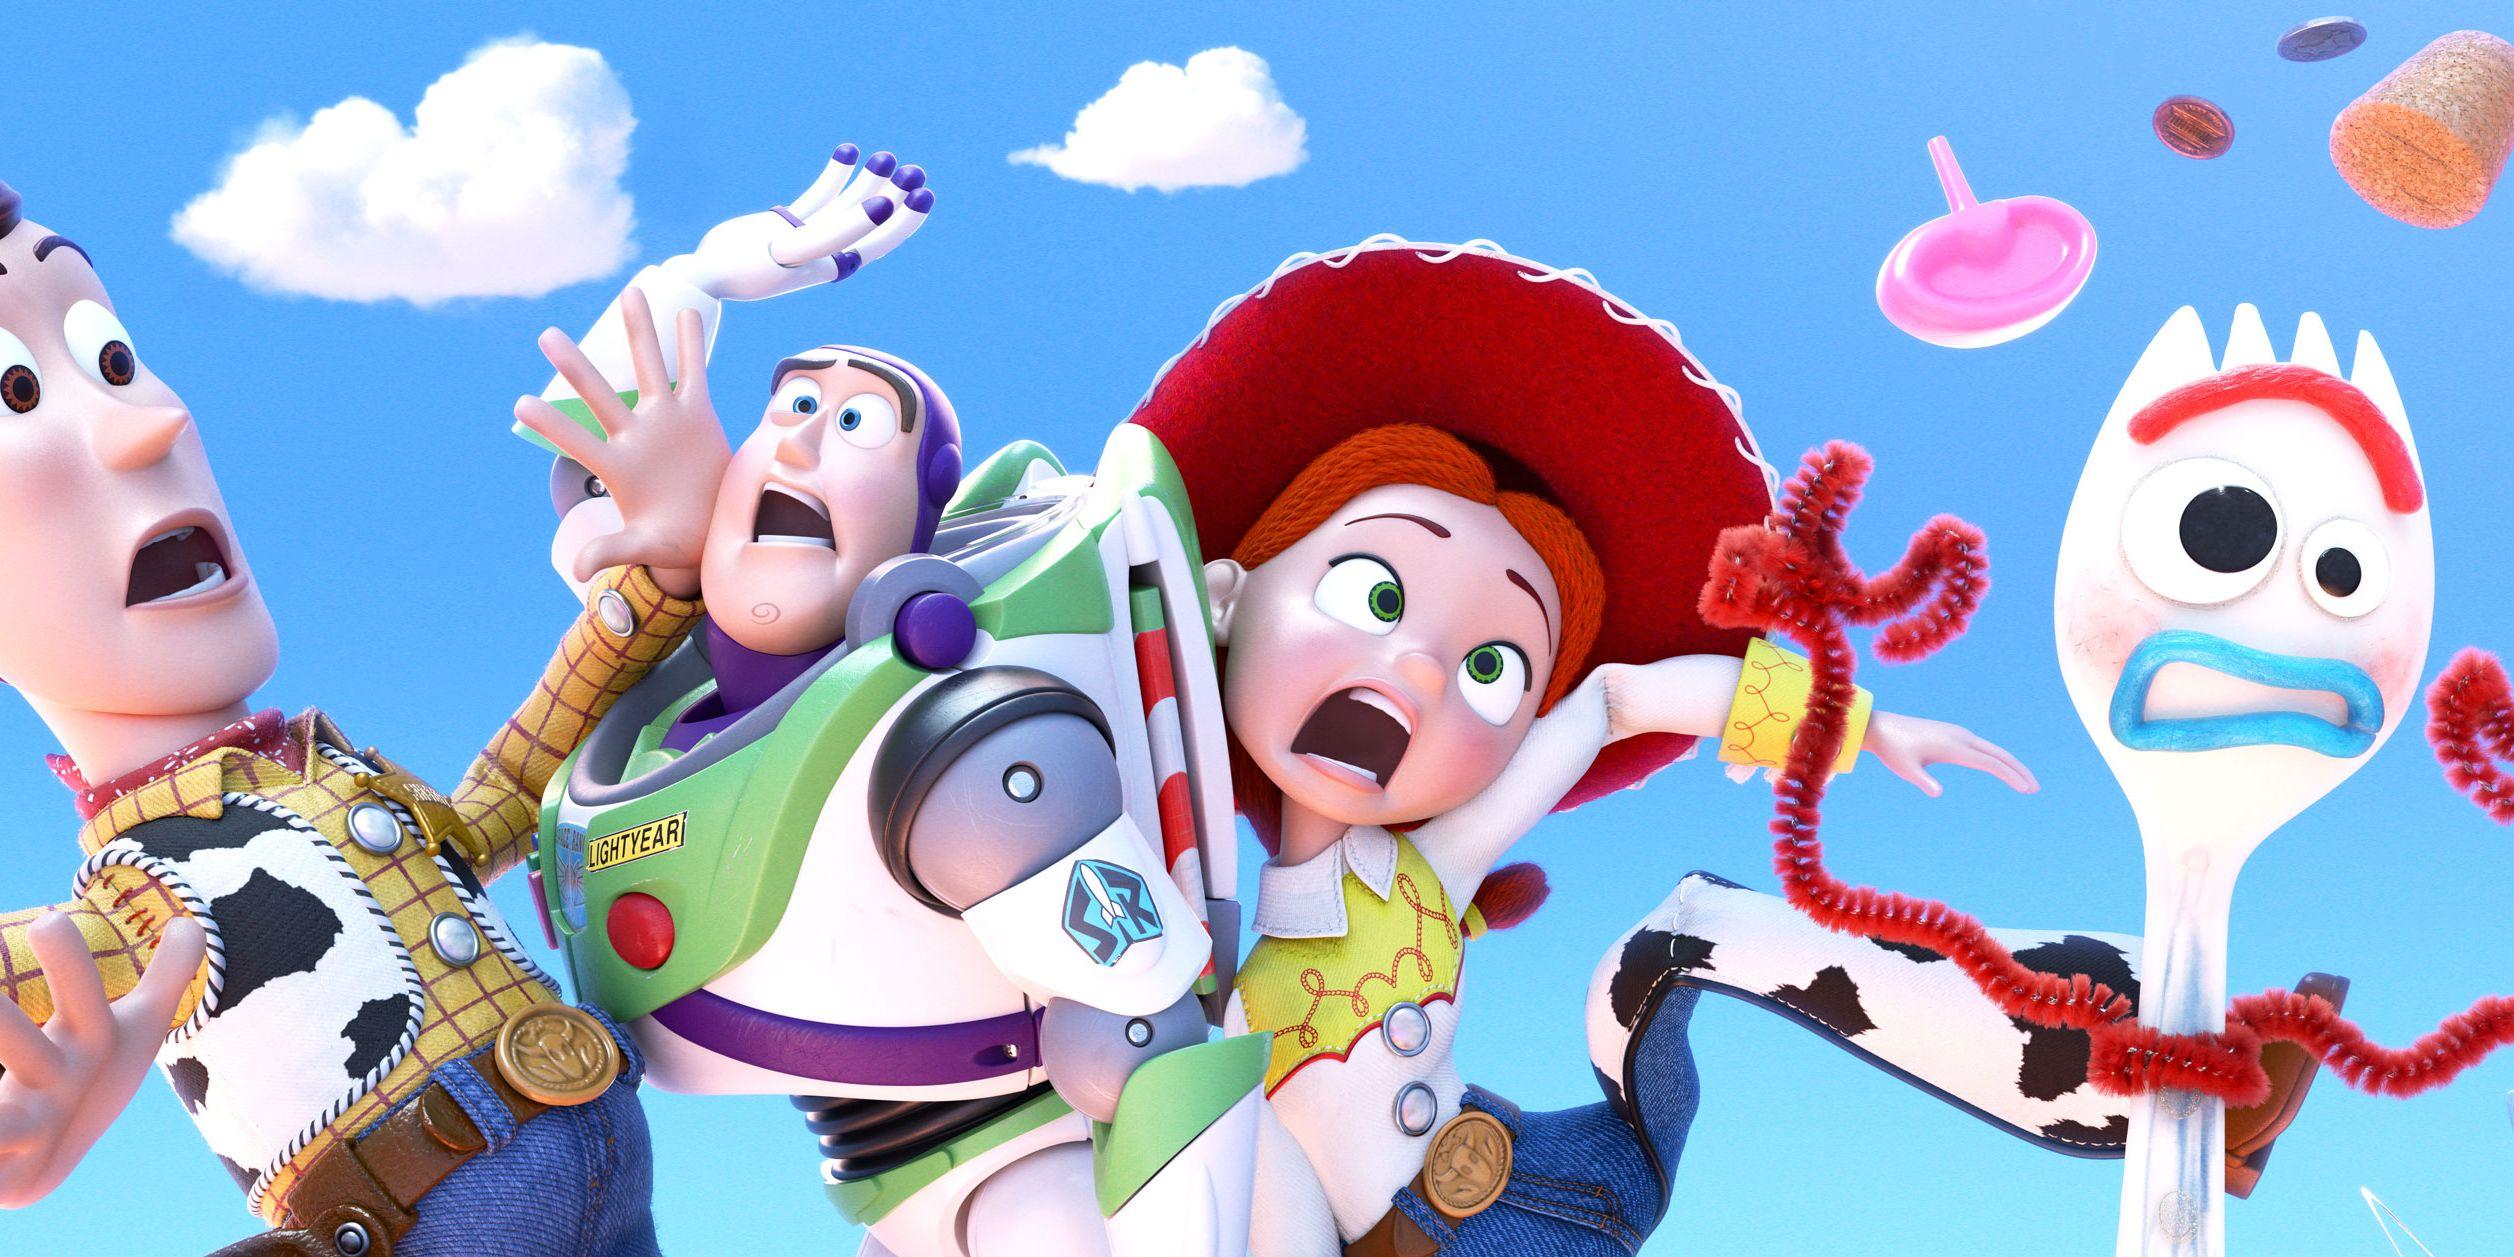 Toy Story 4, Woody, Buzz Lightyear, Jessie, Forky